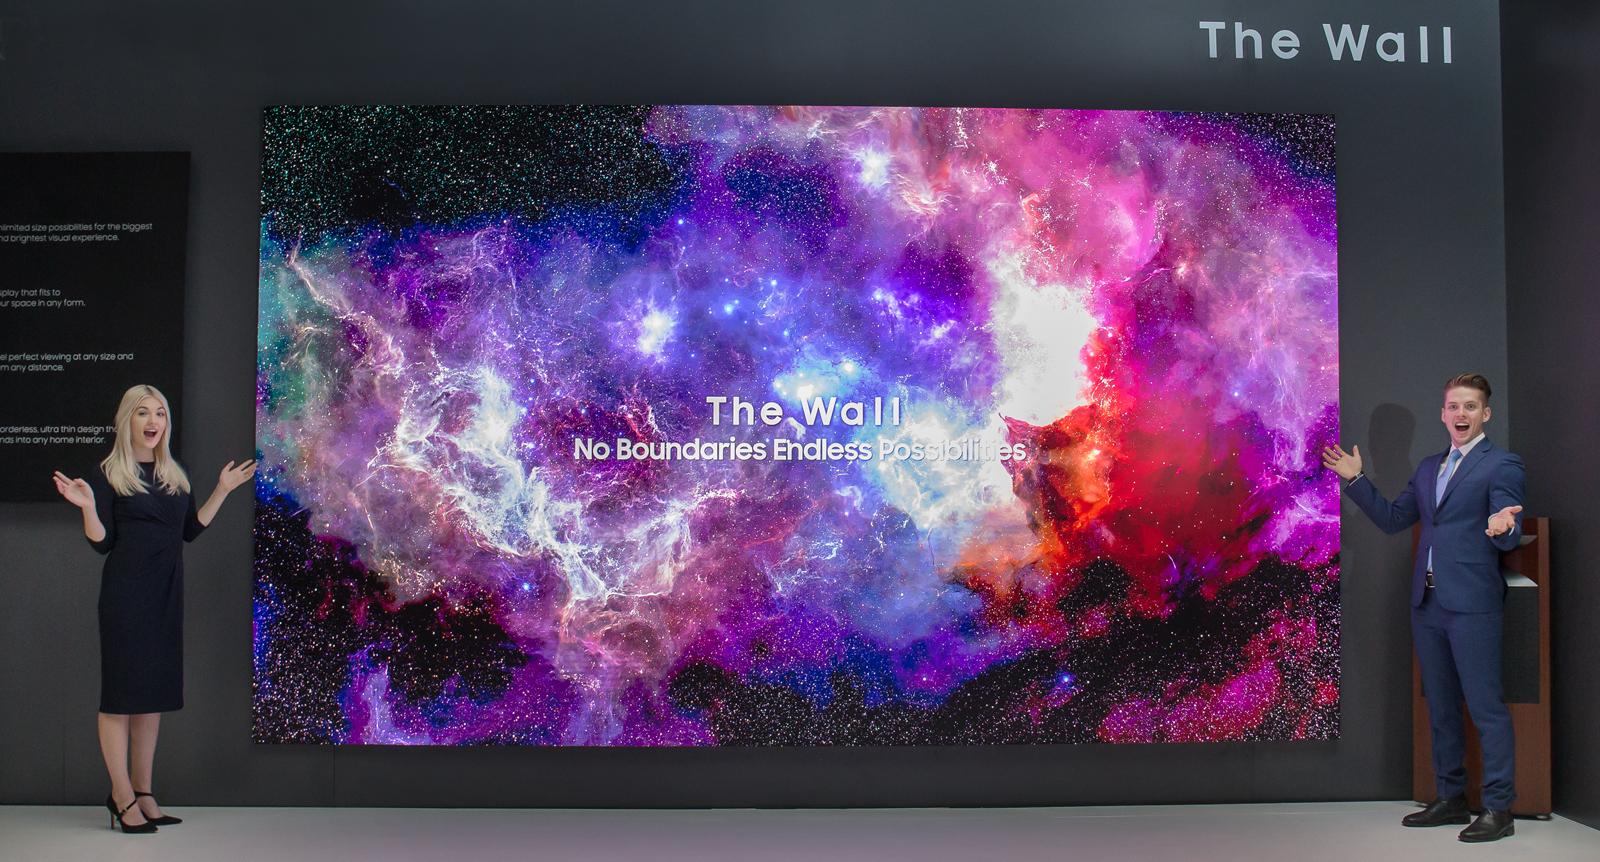 Samsung ha presentado un televisor llamado The Wall cuya pantalla puede crecer y montarse por partes